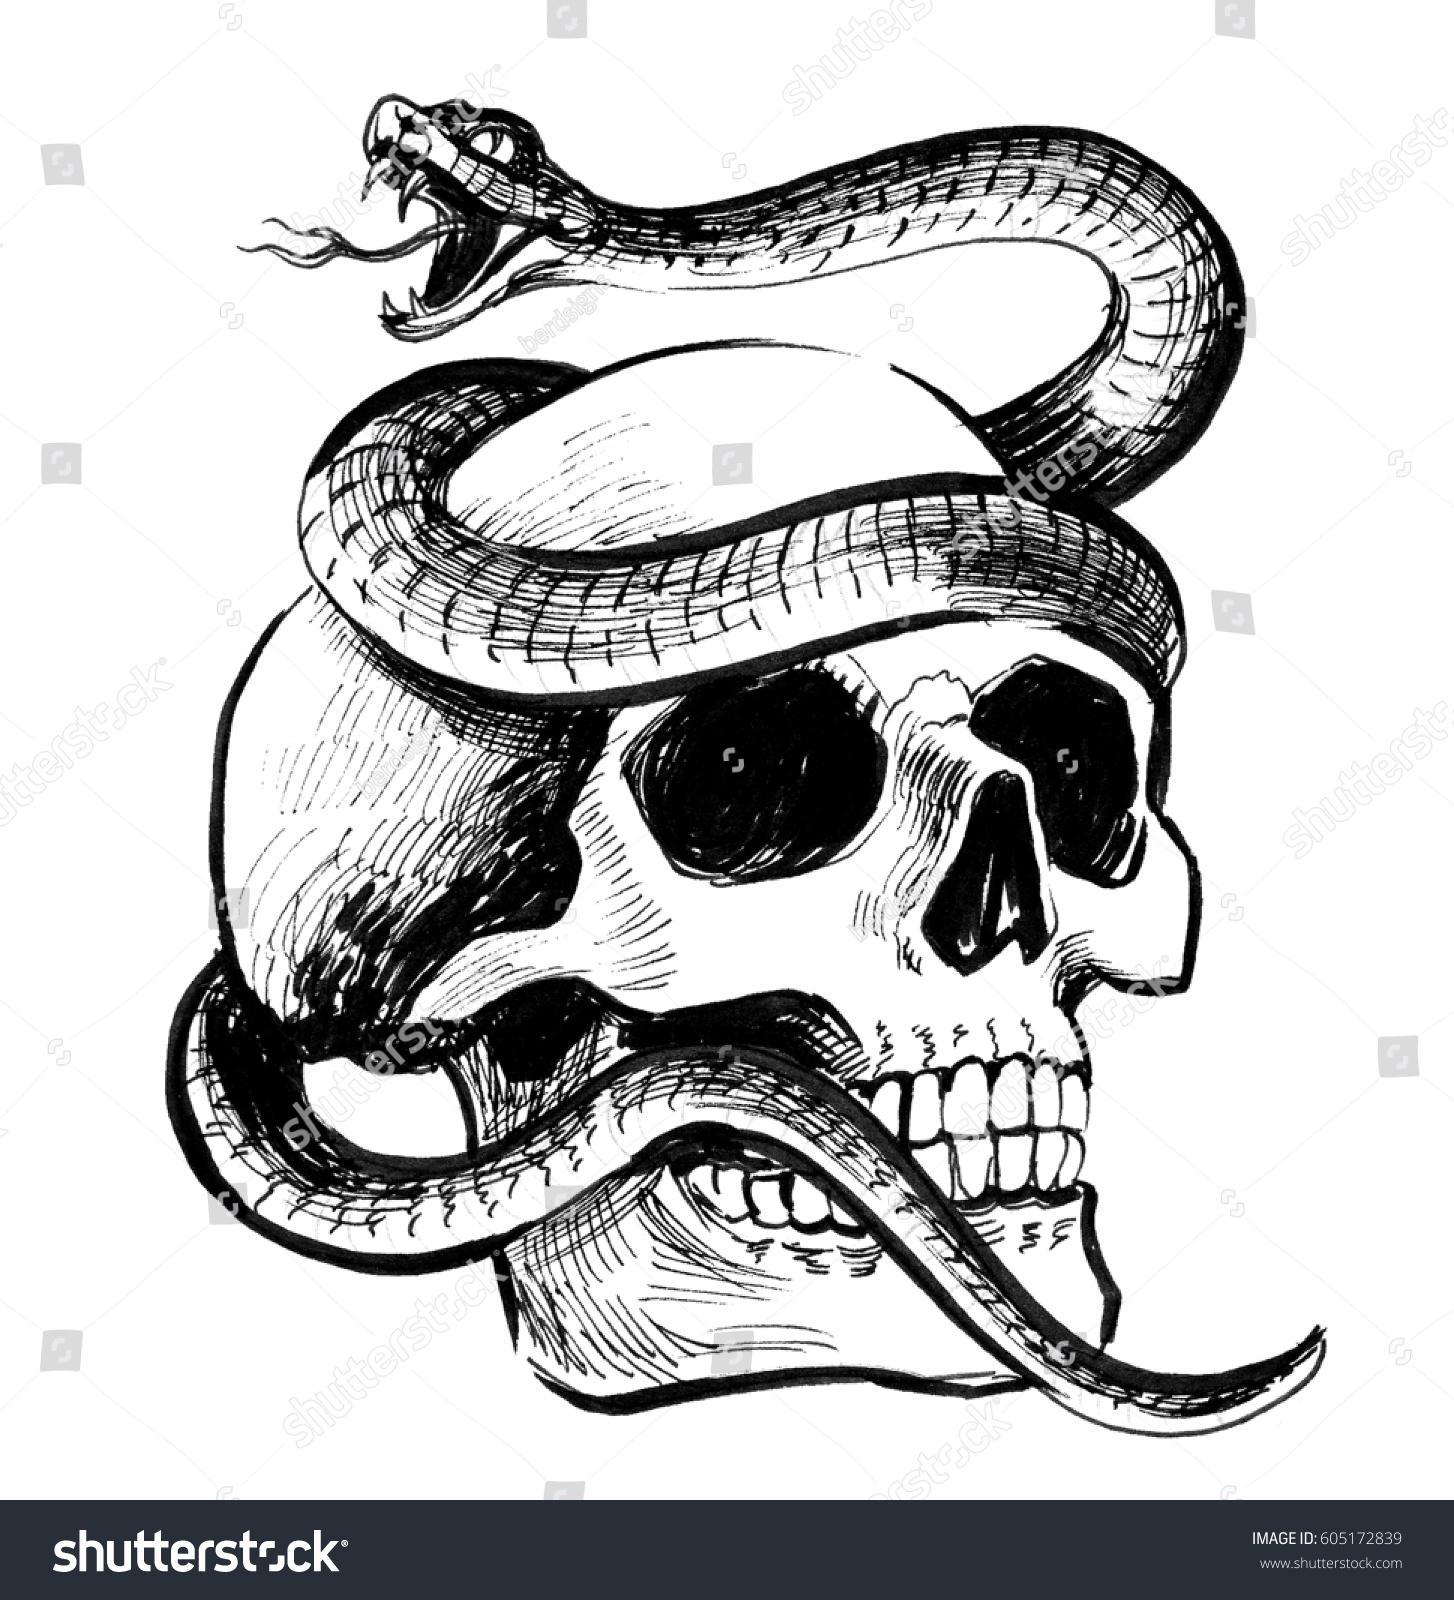 Skull snake stock illustration 605172839 shutterstock skull and snake thecheapjerseys Choice Image